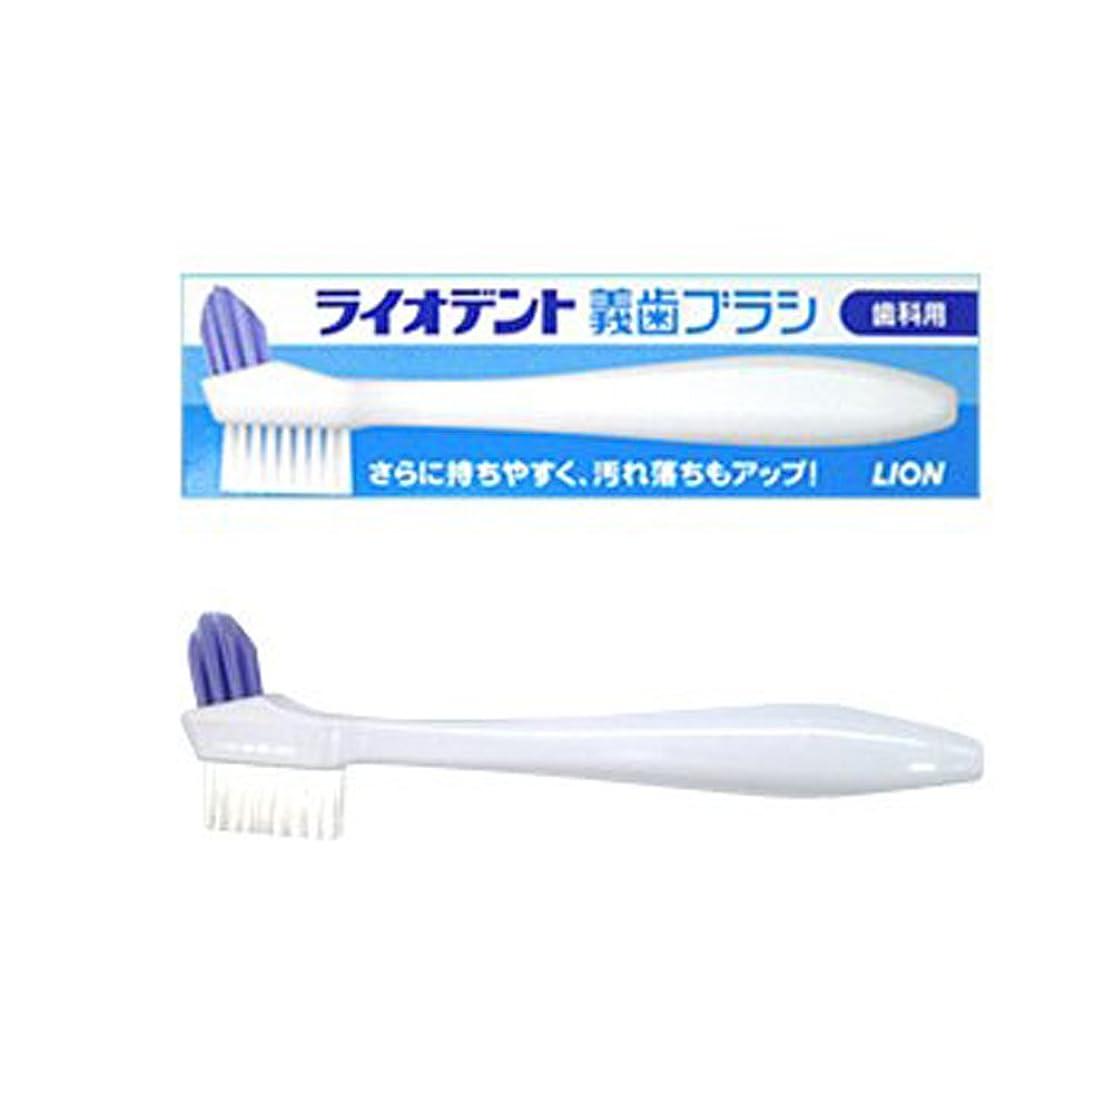 モニター民間人液化するライオデント義歯ブラシ 1本